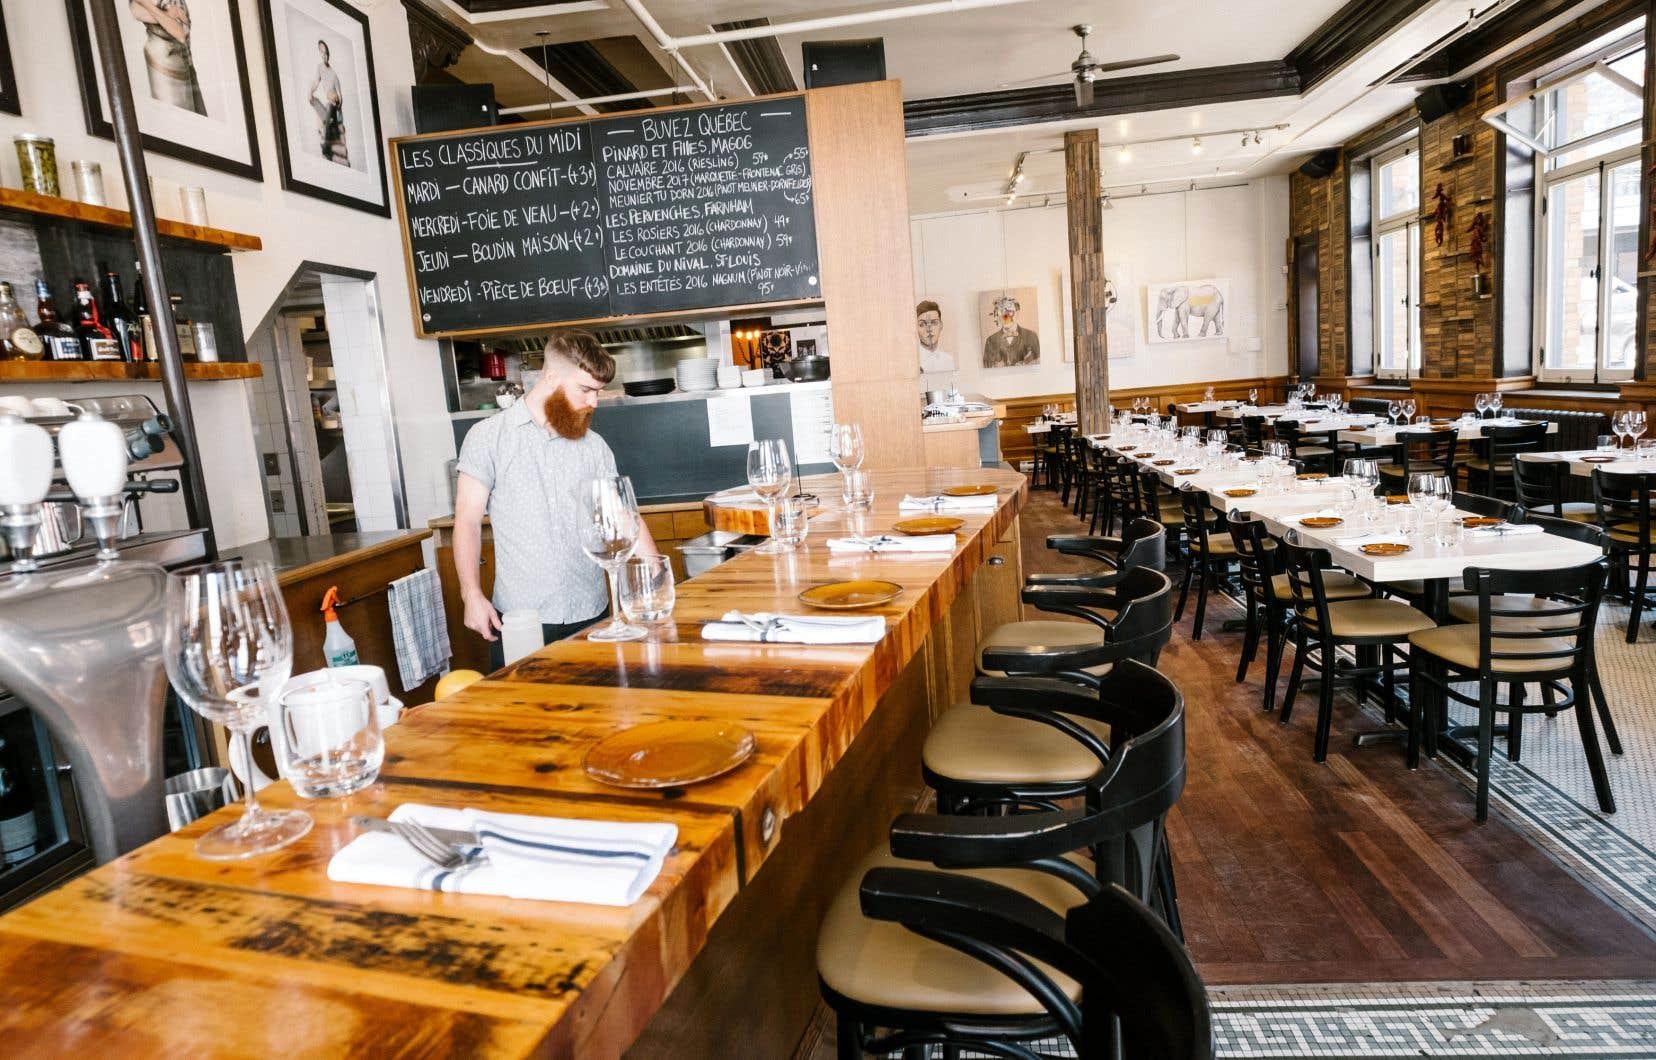 Ce qui était à l'origine un café est maintenant un restaurant qui a atteint sa pleine maturité. Certains éléments sont devenus des classiques.